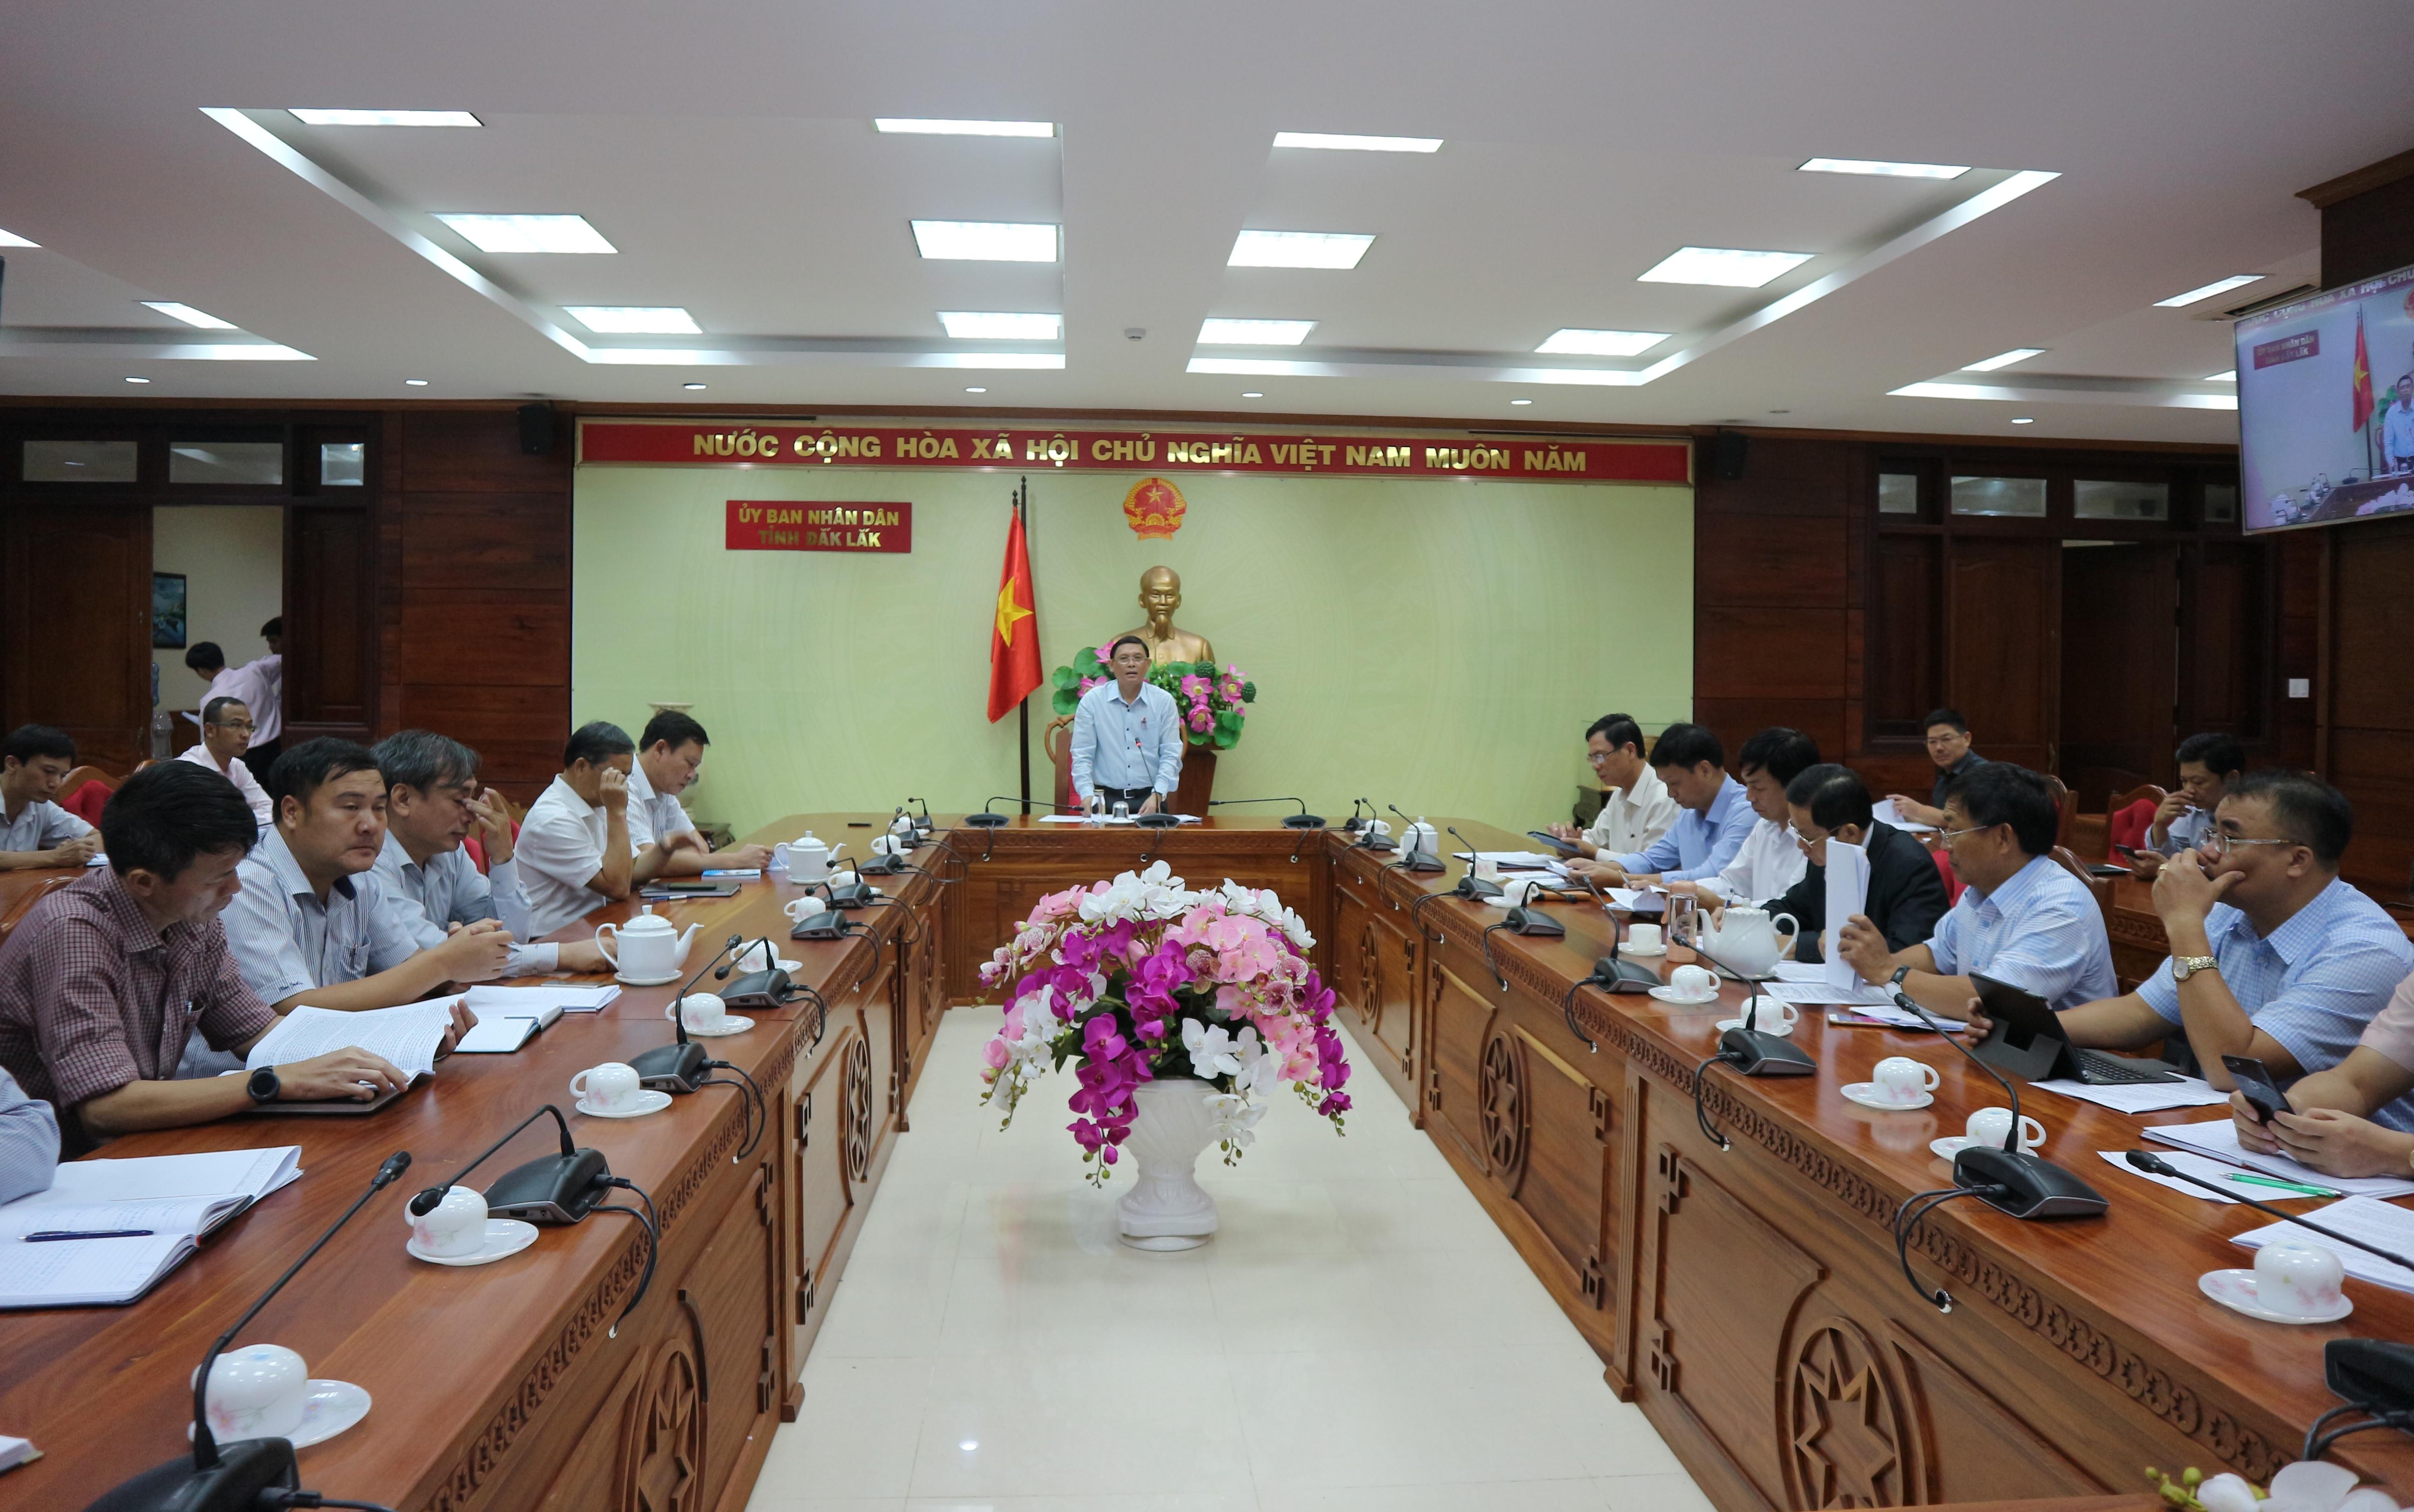 Hội nghị trực tuyến chuyên đề xây dựng cơ bản